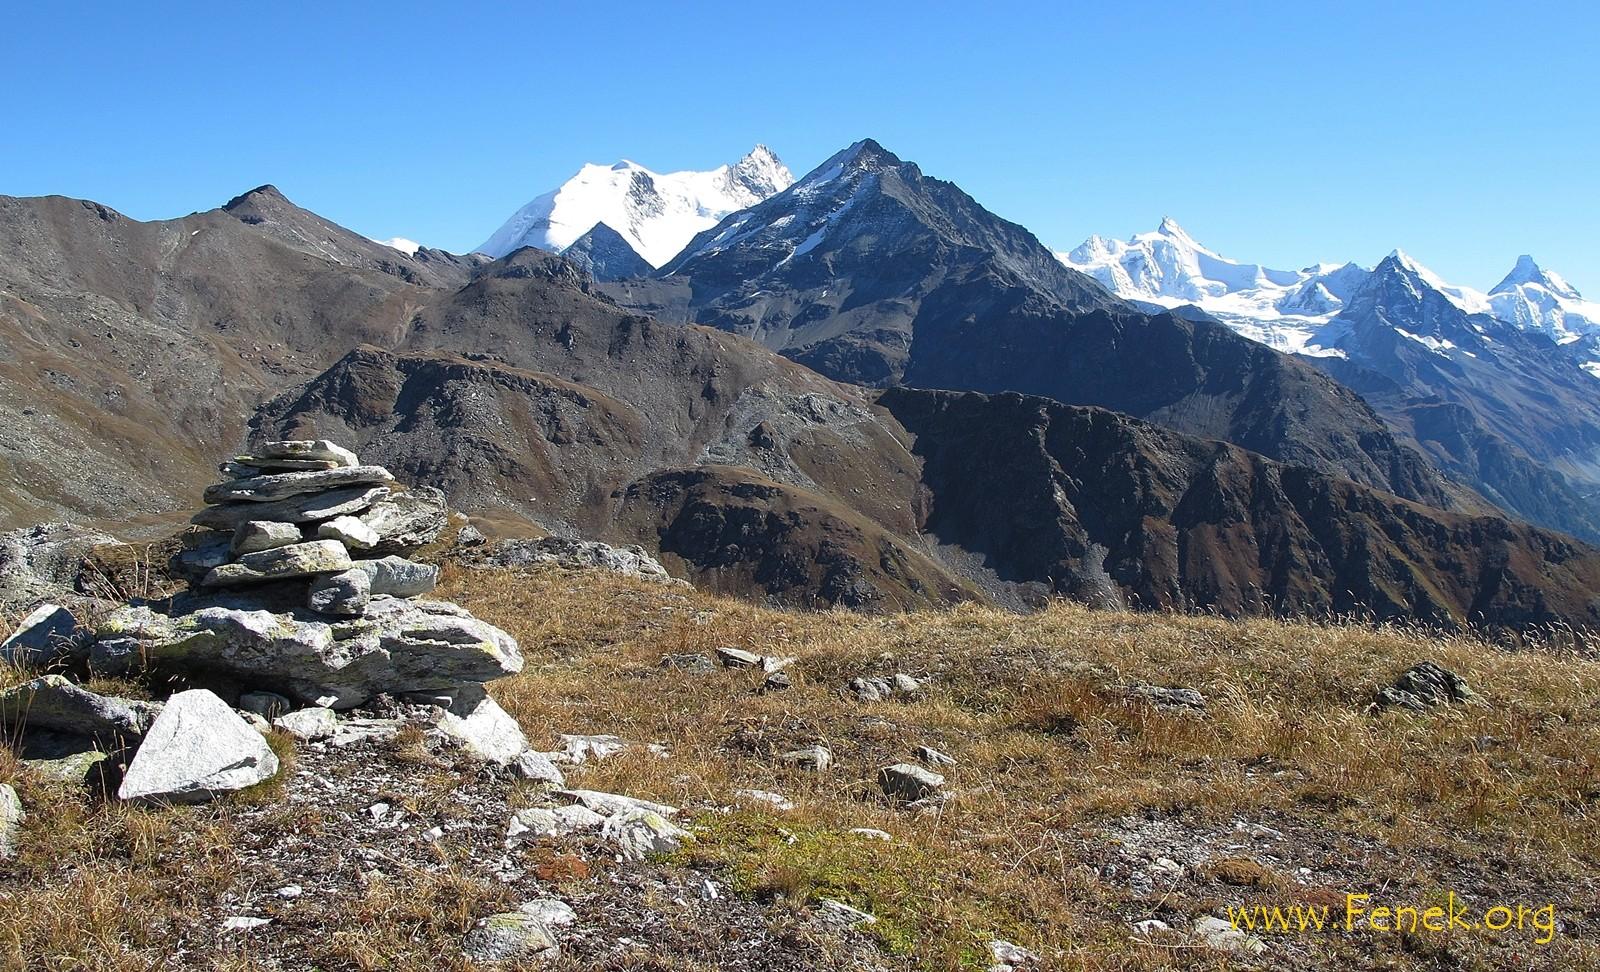 bekannte Walliser 4'000er. Kennst du das Matterhorn?